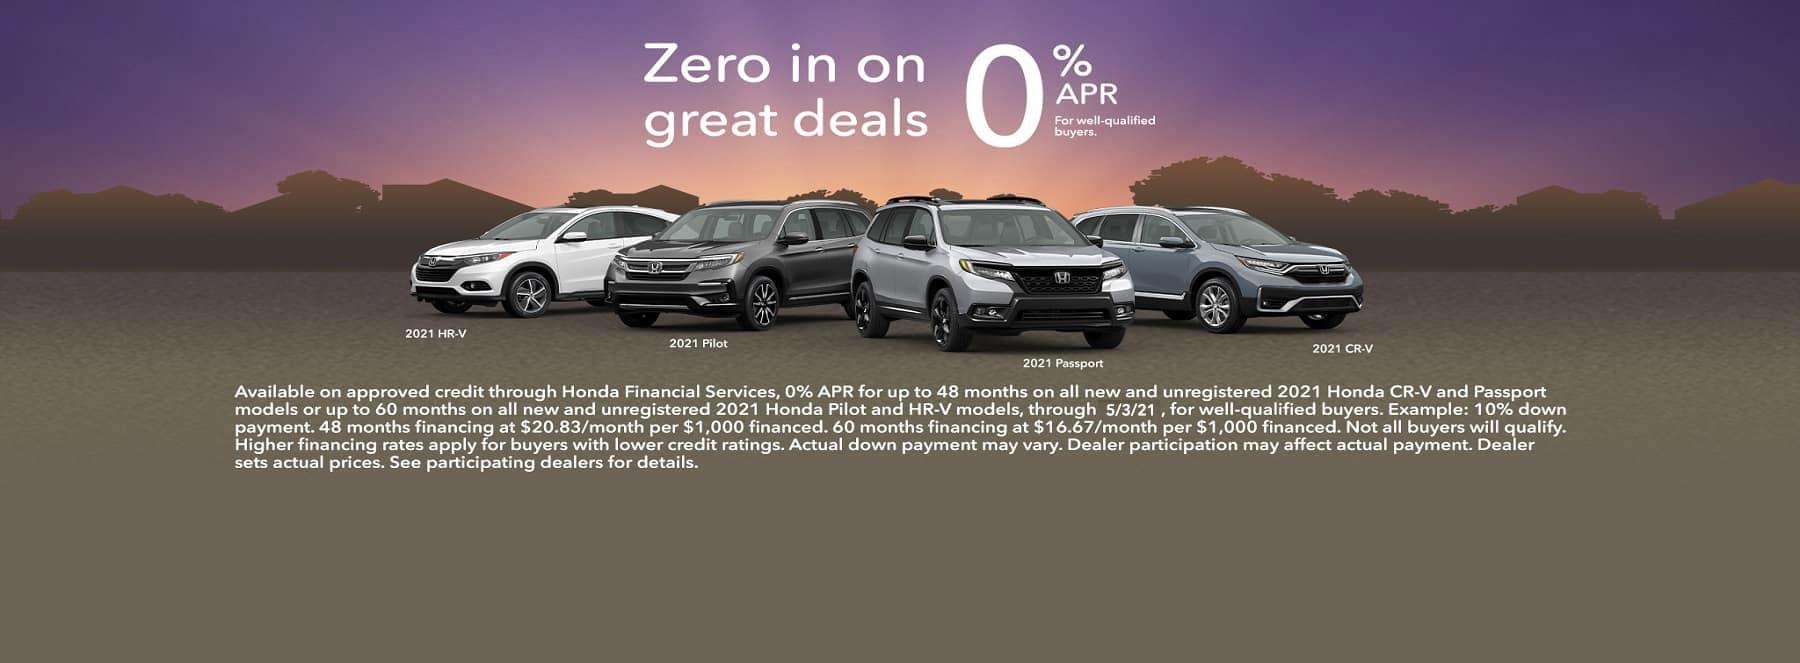 Zero in on Great deals